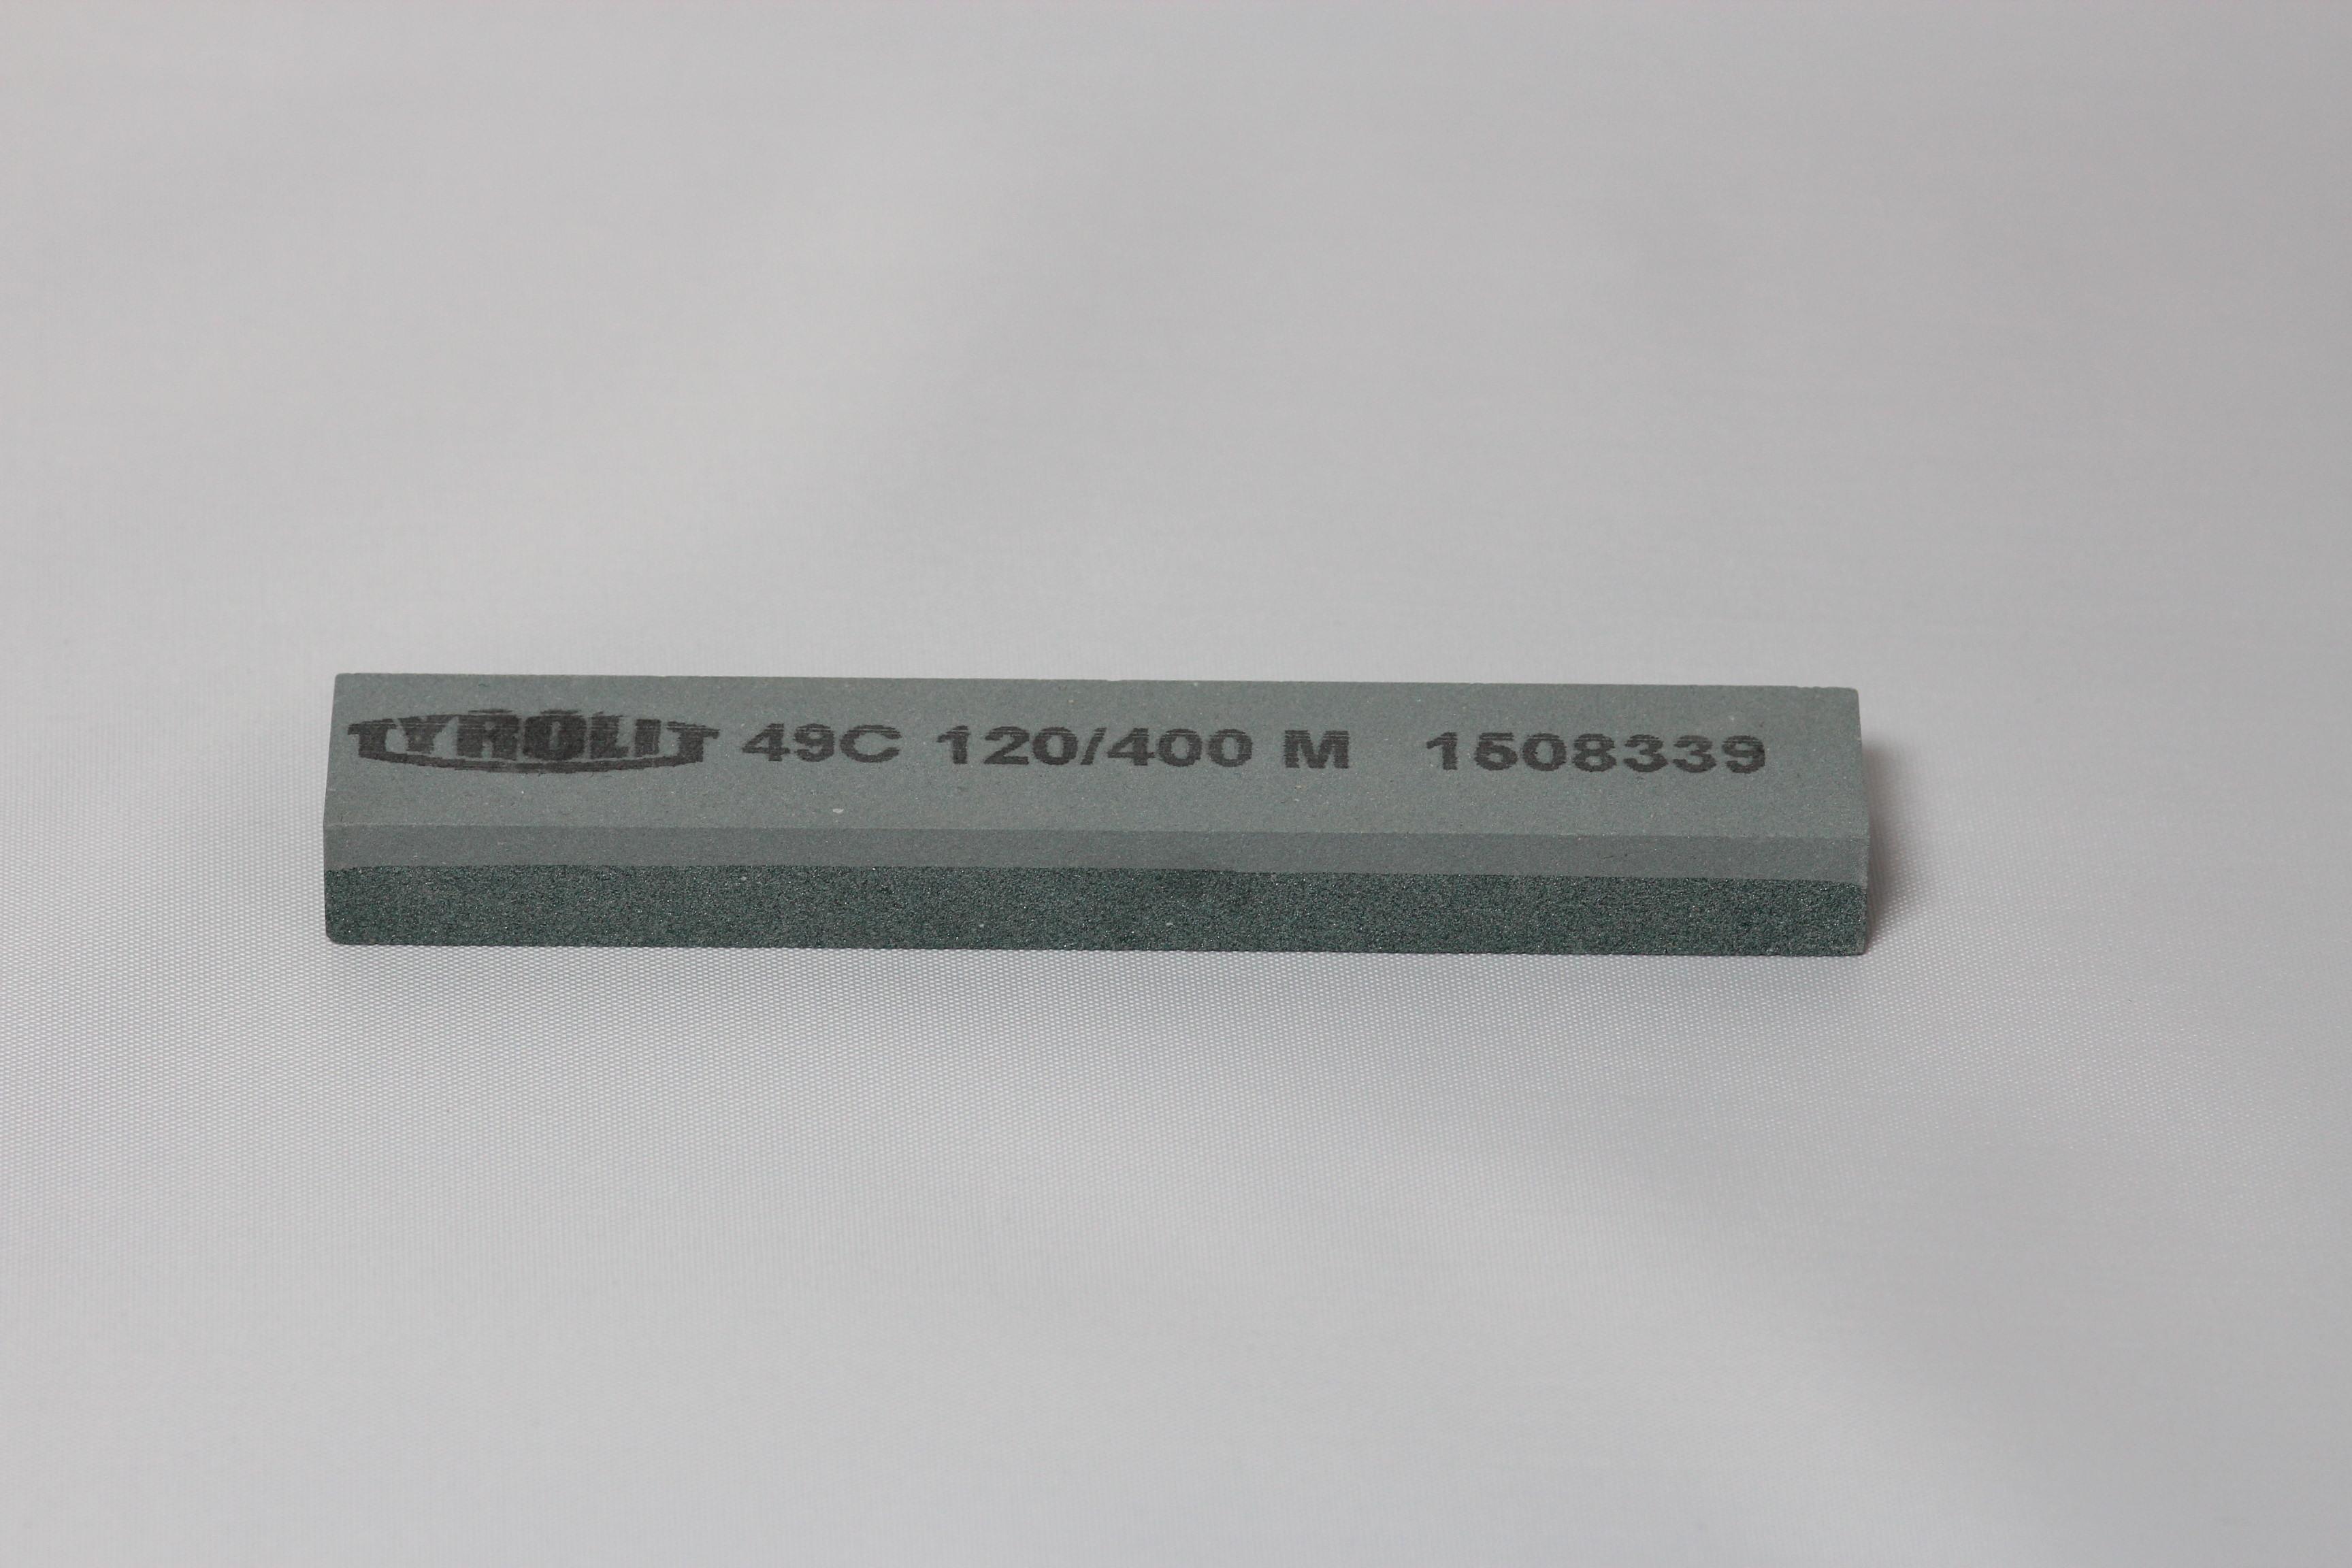 64136-024594 T90K 25×15×150 49C  120/400 M 8 V